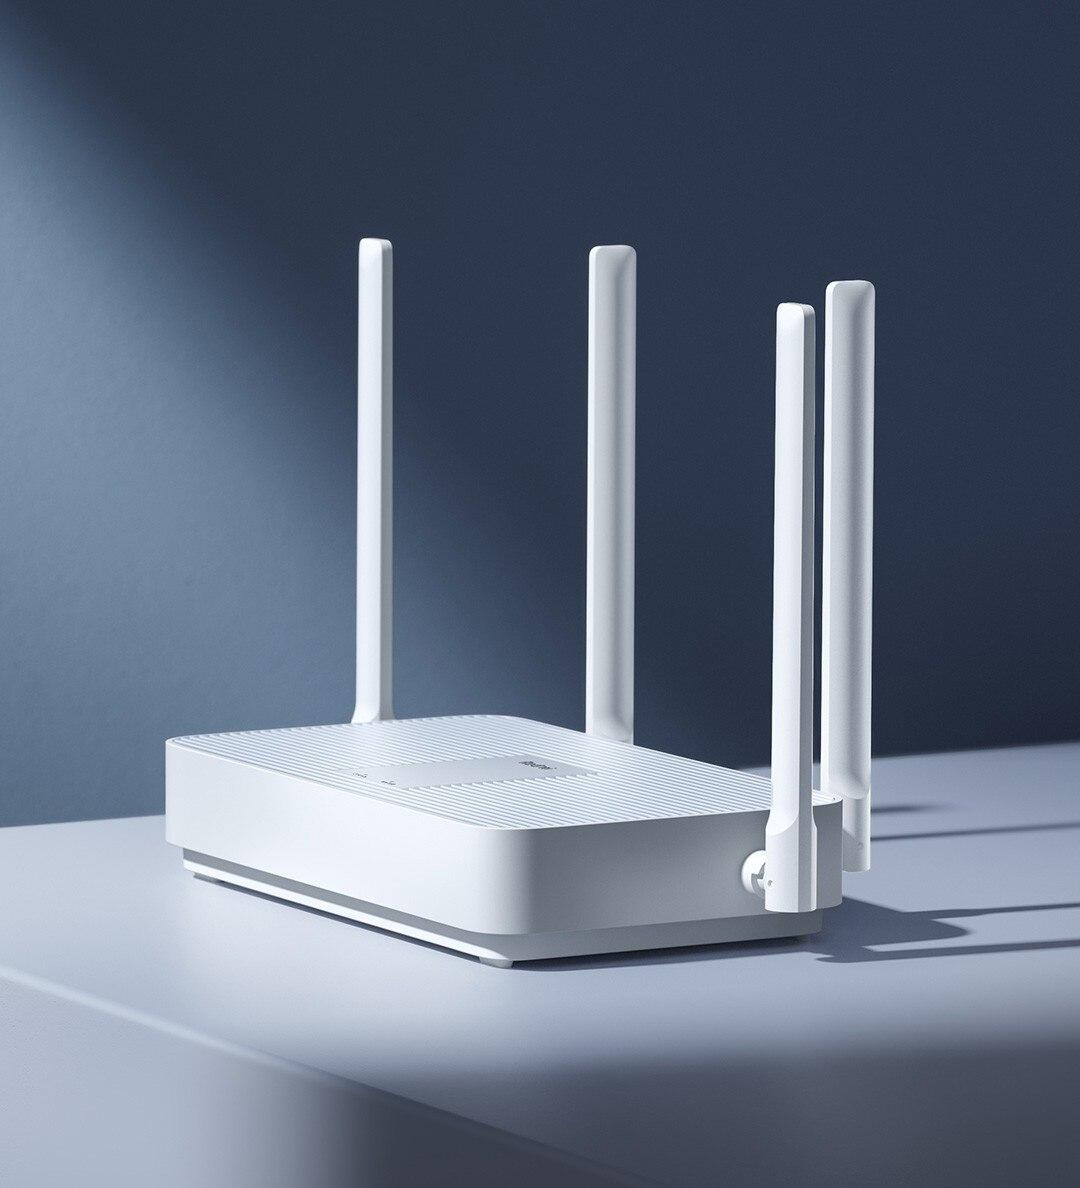 روتر بی سیم شیائومی Mi AIoT Router AX1800